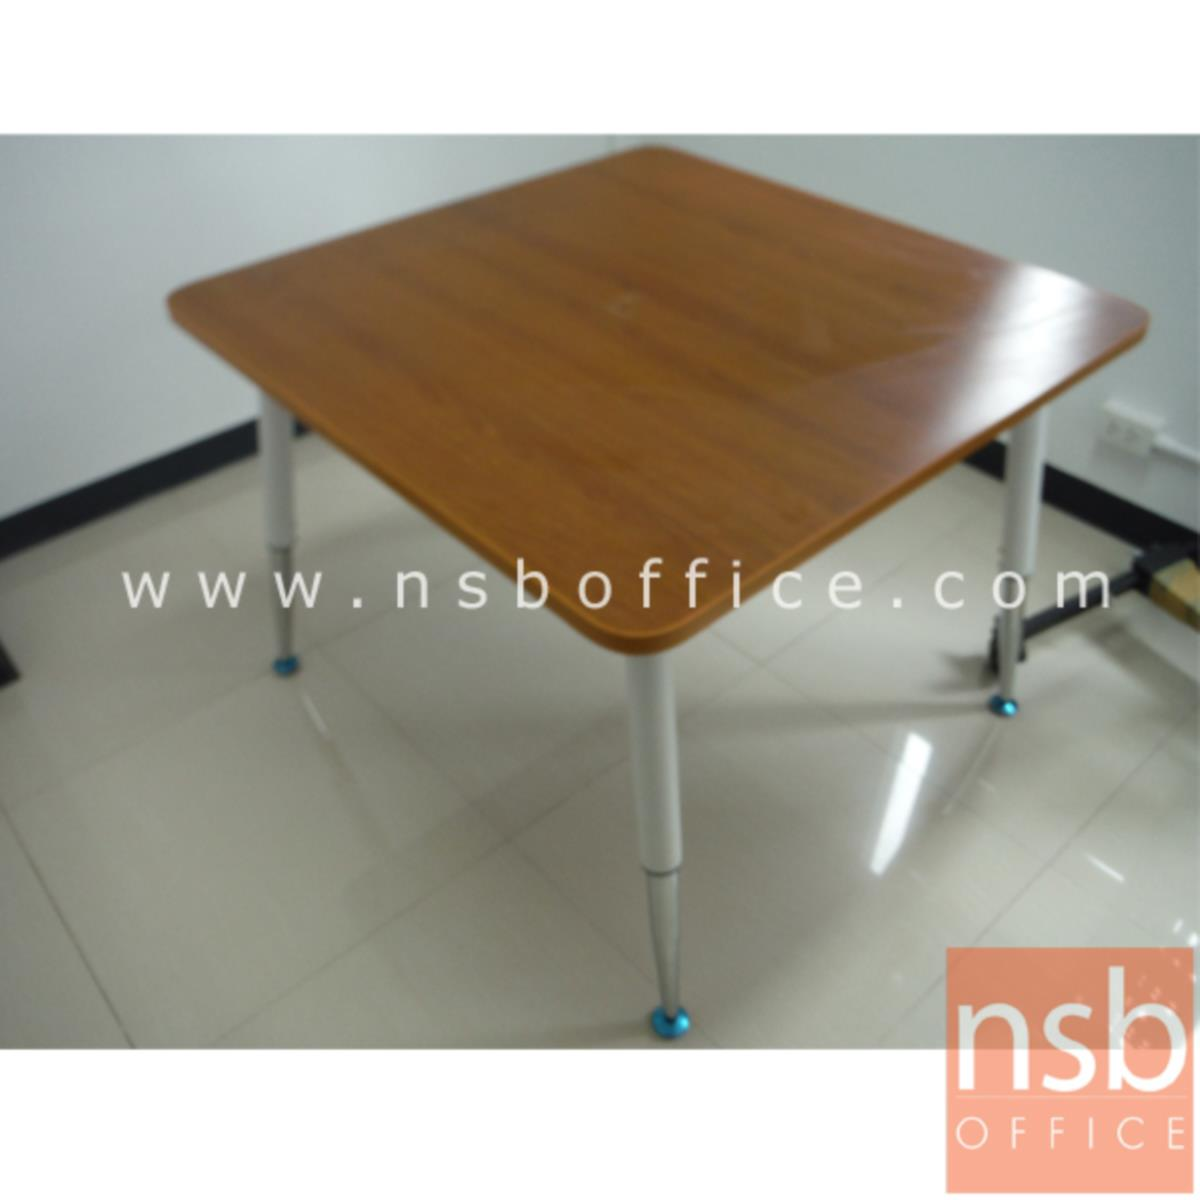 โต๊ะประชุมทรงเหลี่ยมมุมโค้ง   ขนาด 100W cm. ขาปลายเรียวขาวตัดโครเมี่ยม